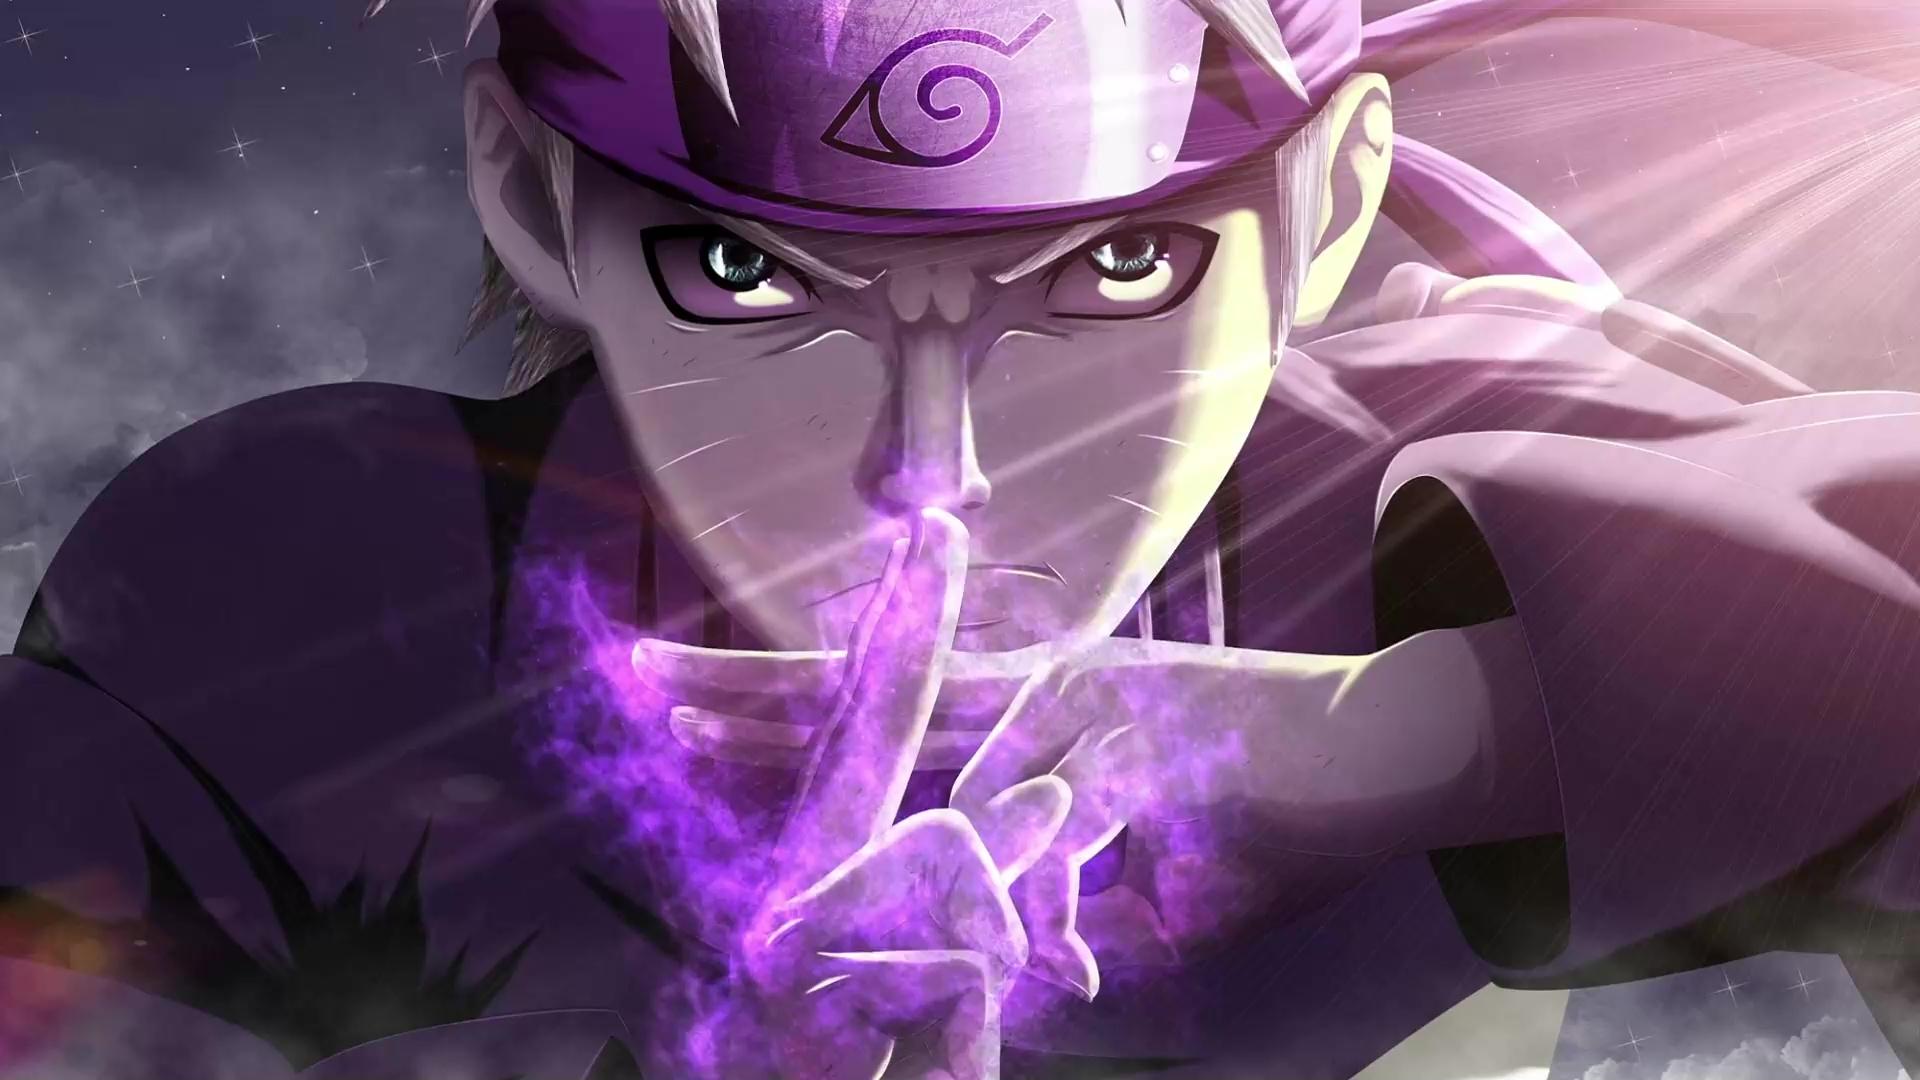 Naruto Uzumaki Wallpaper Engine Free   Download Wallpaper Engine Wallpapers  FREE